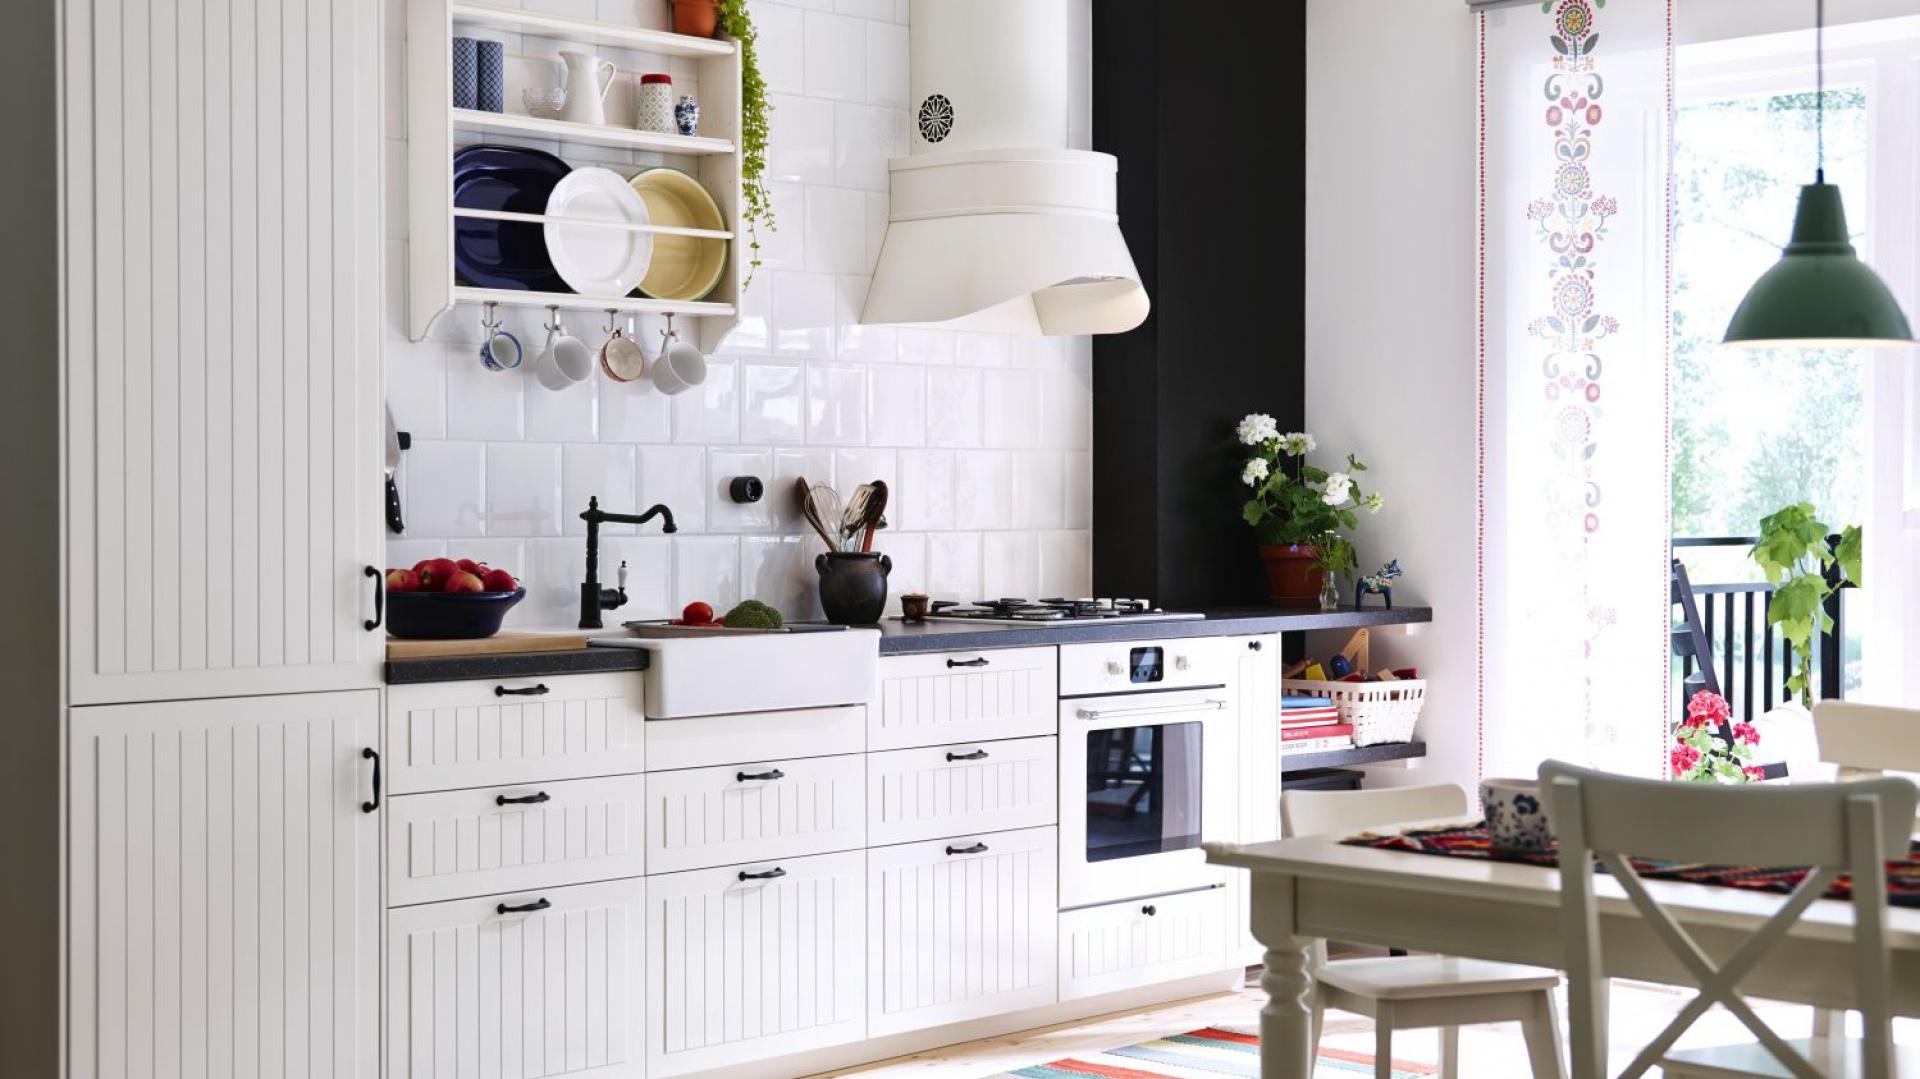 Skandynawska zabudowa na jedną ścianę. Pionowe frezowania zdobią fronty, a dolną zabudowę wieńczy ciemny blat. Fot. IKEA.